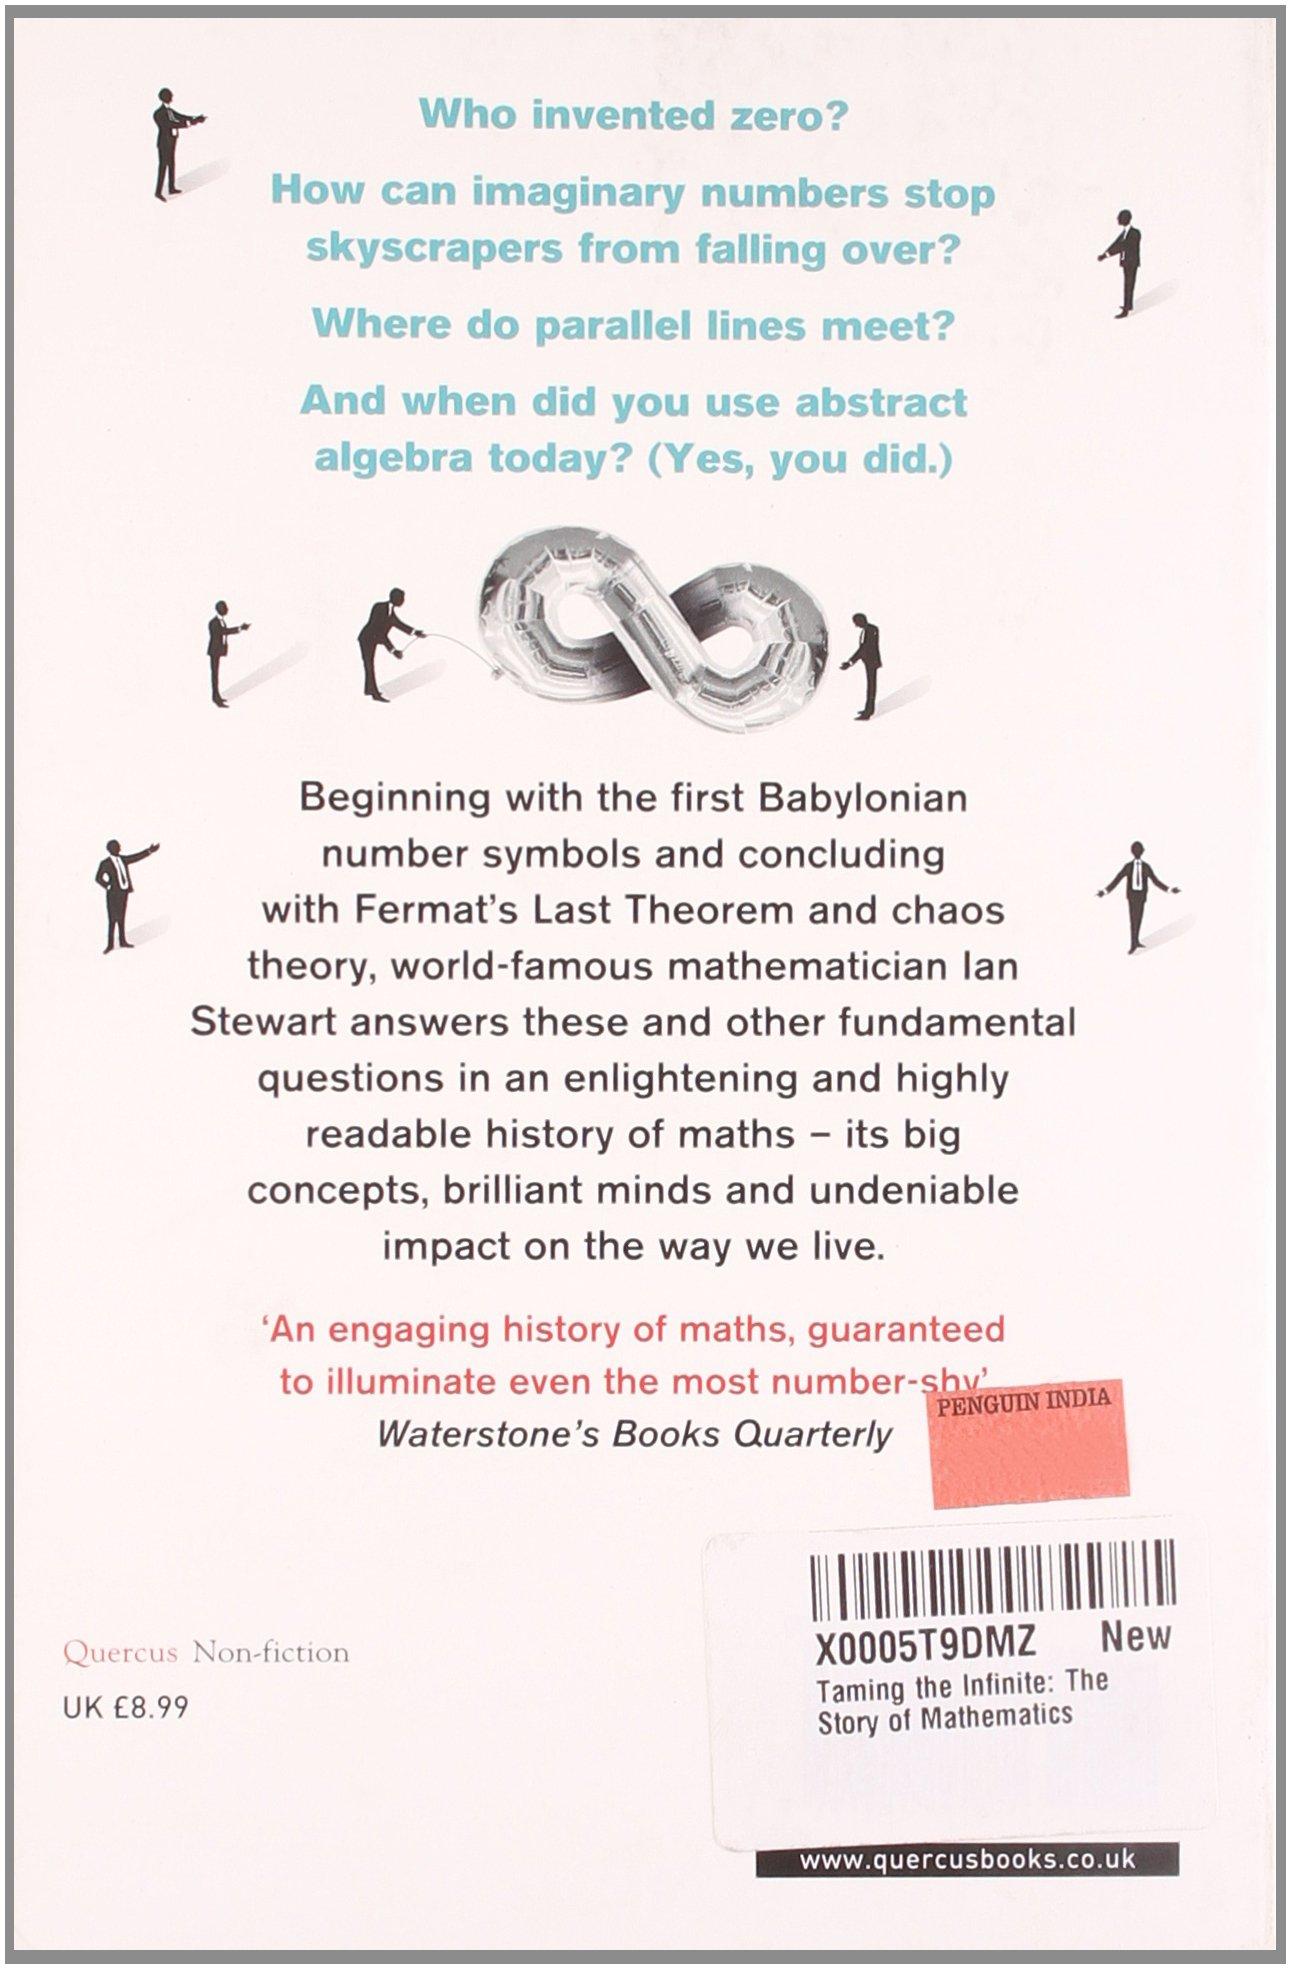 Taming The Infinite The Story Of Mathematics Ian Stewart